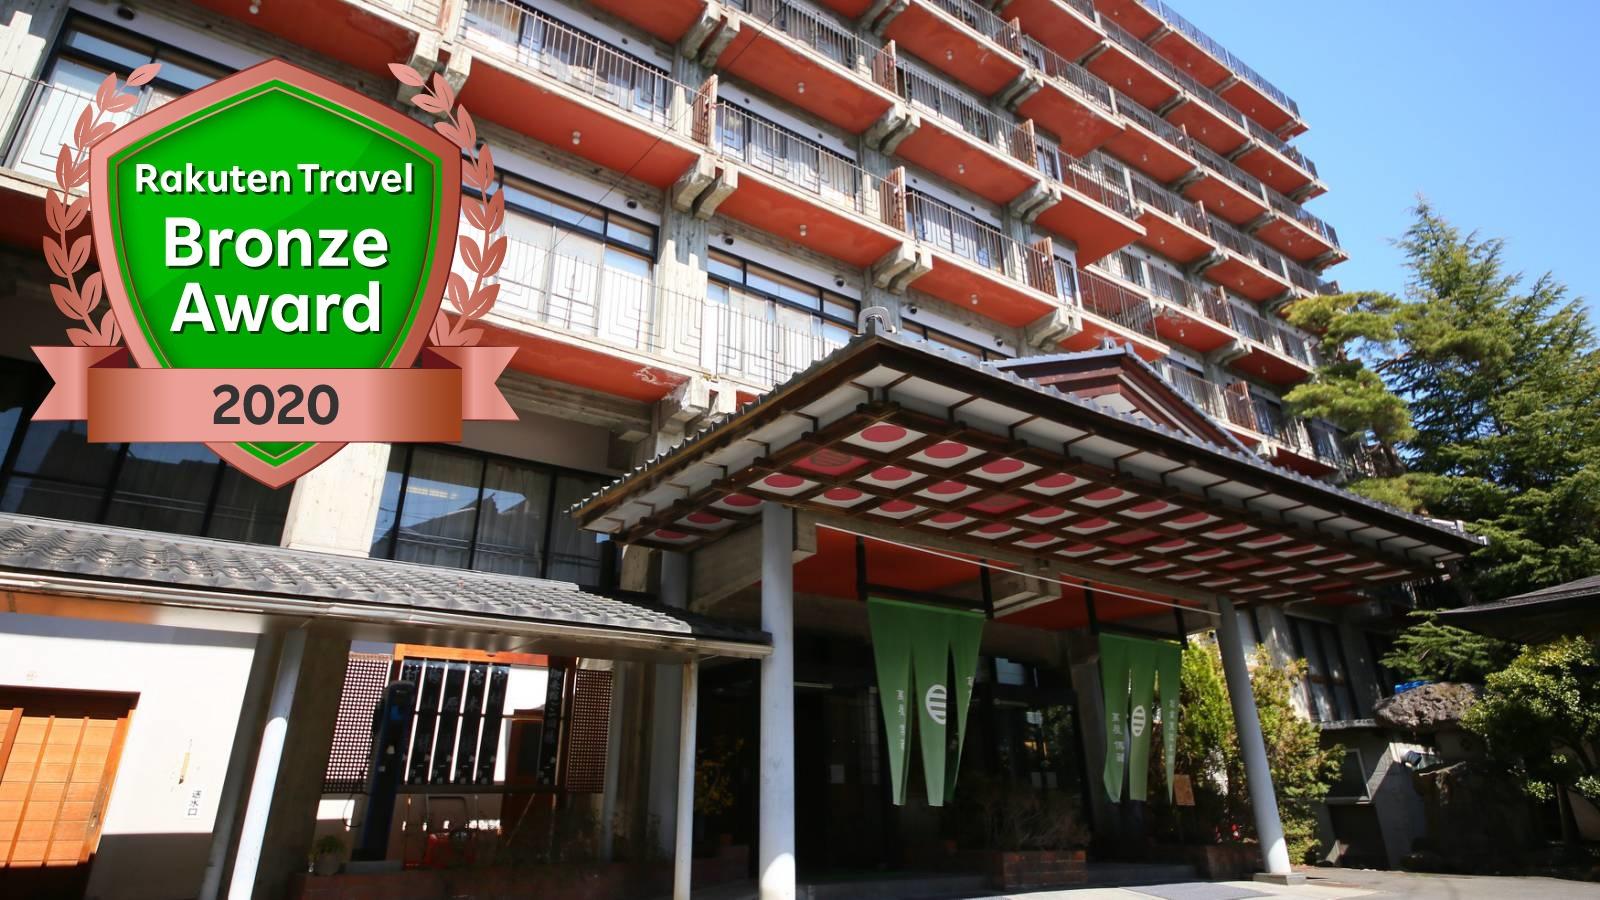 湯田中温泉で露天風呂付き客室があるお宿